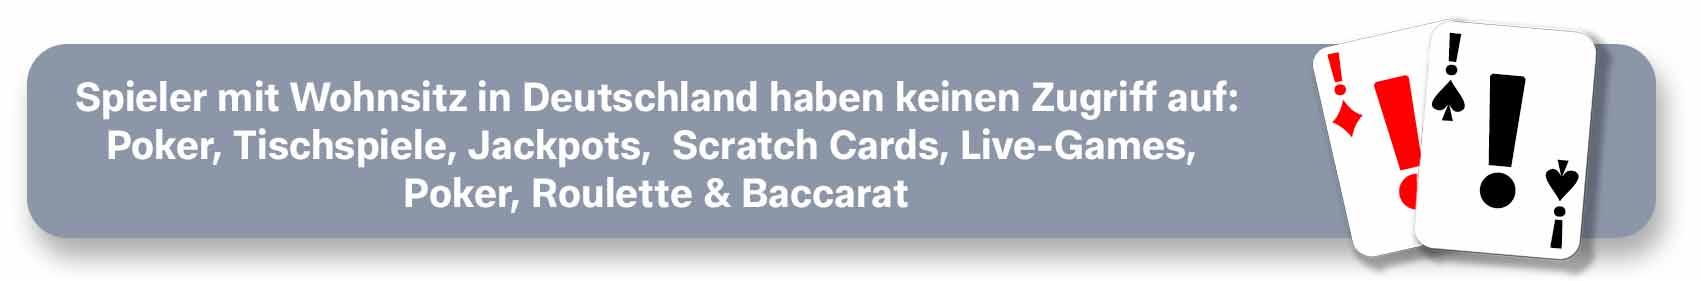 Deutsche Casinoverordnung